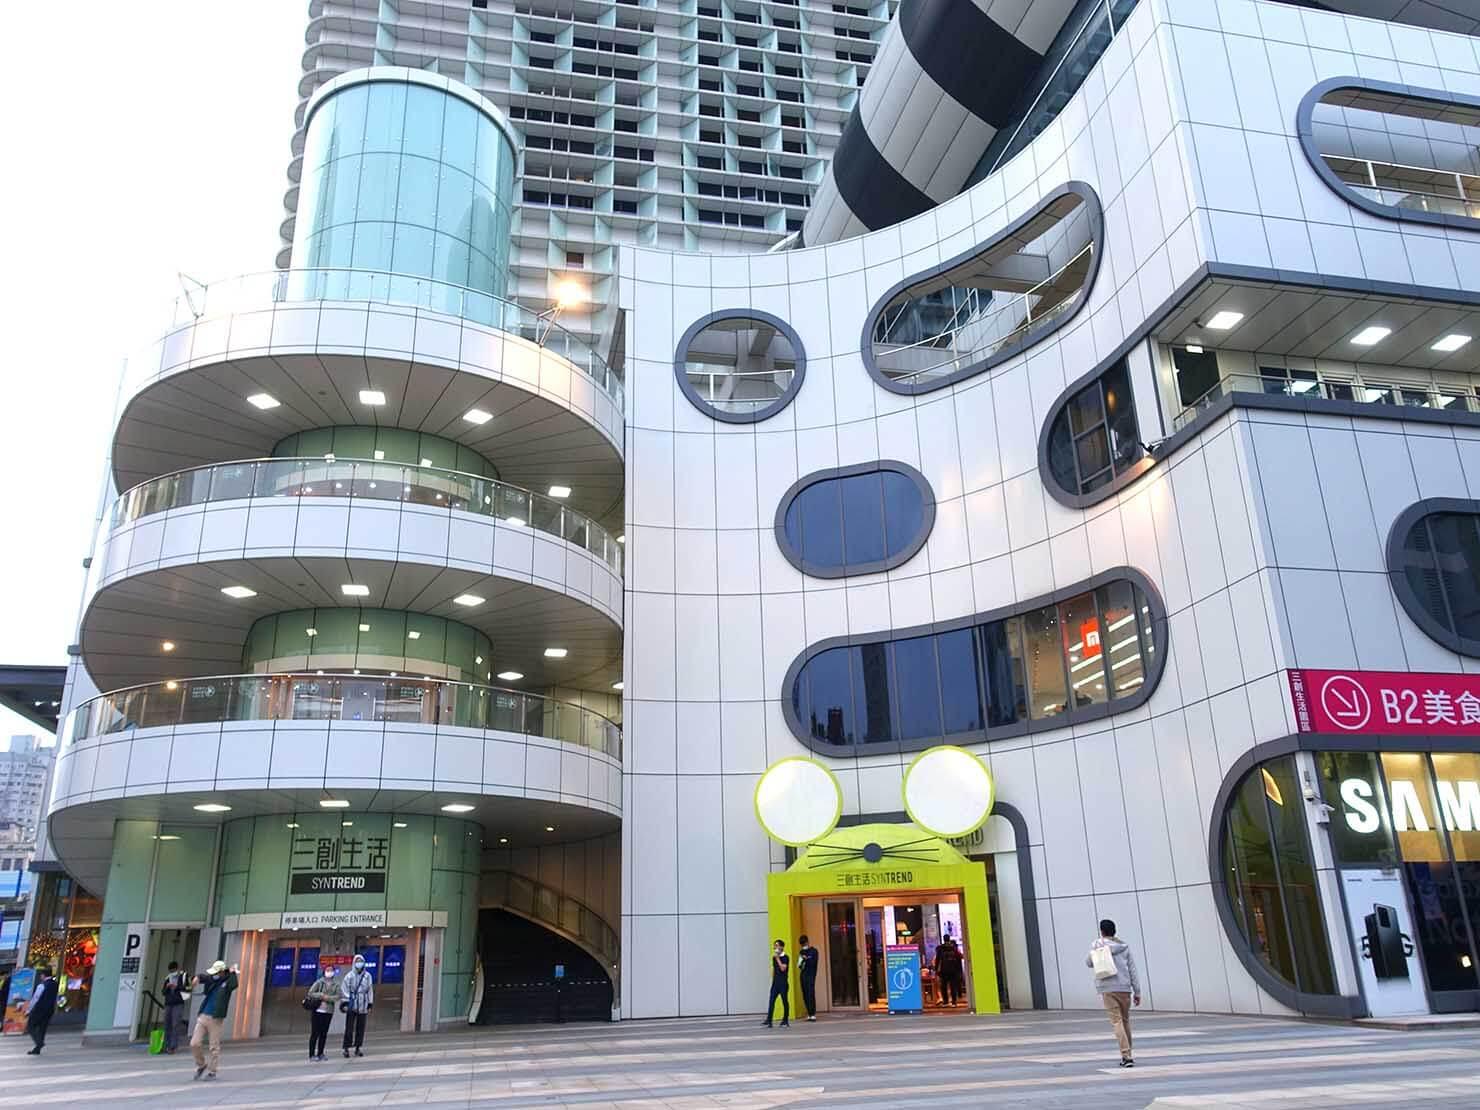 台北で生活家電を揃えたい時のおすすめ店「三創生活 SYNTREND」の外観